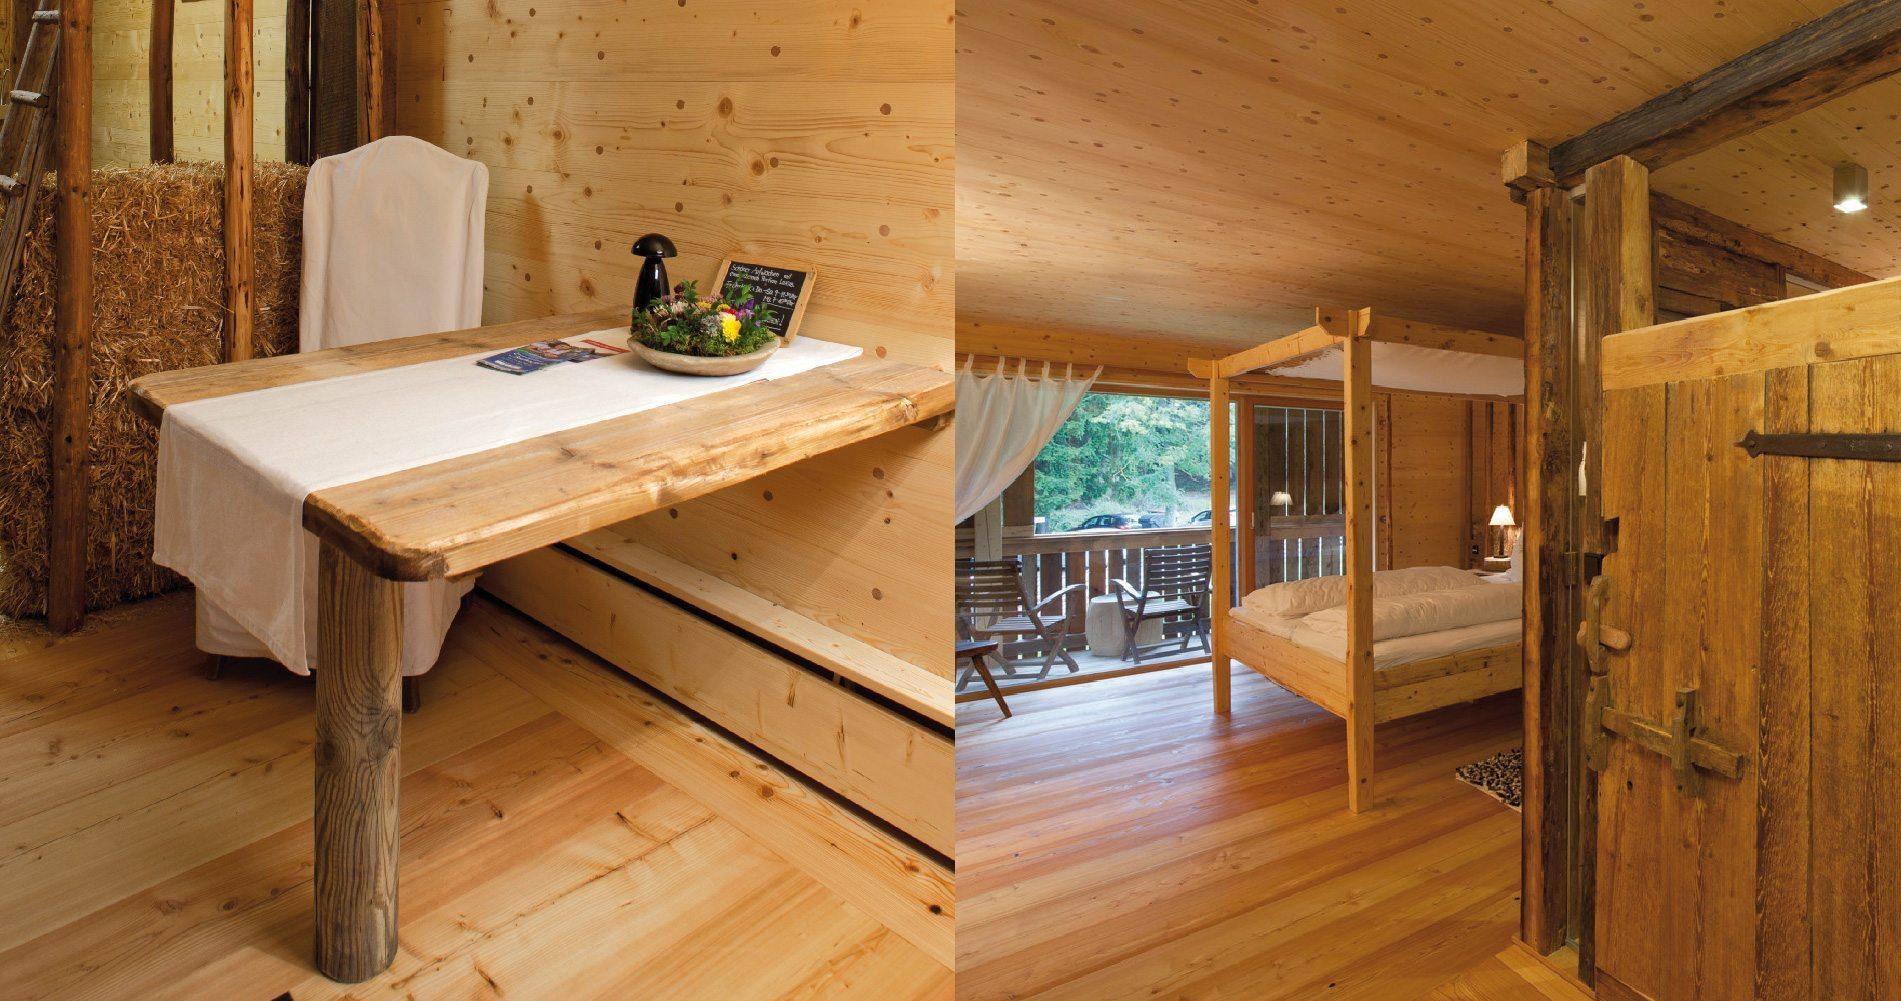 Slaapkamer In Tuinhuis : Plintverwarming & vloerverwarming in luxe blokhut technea